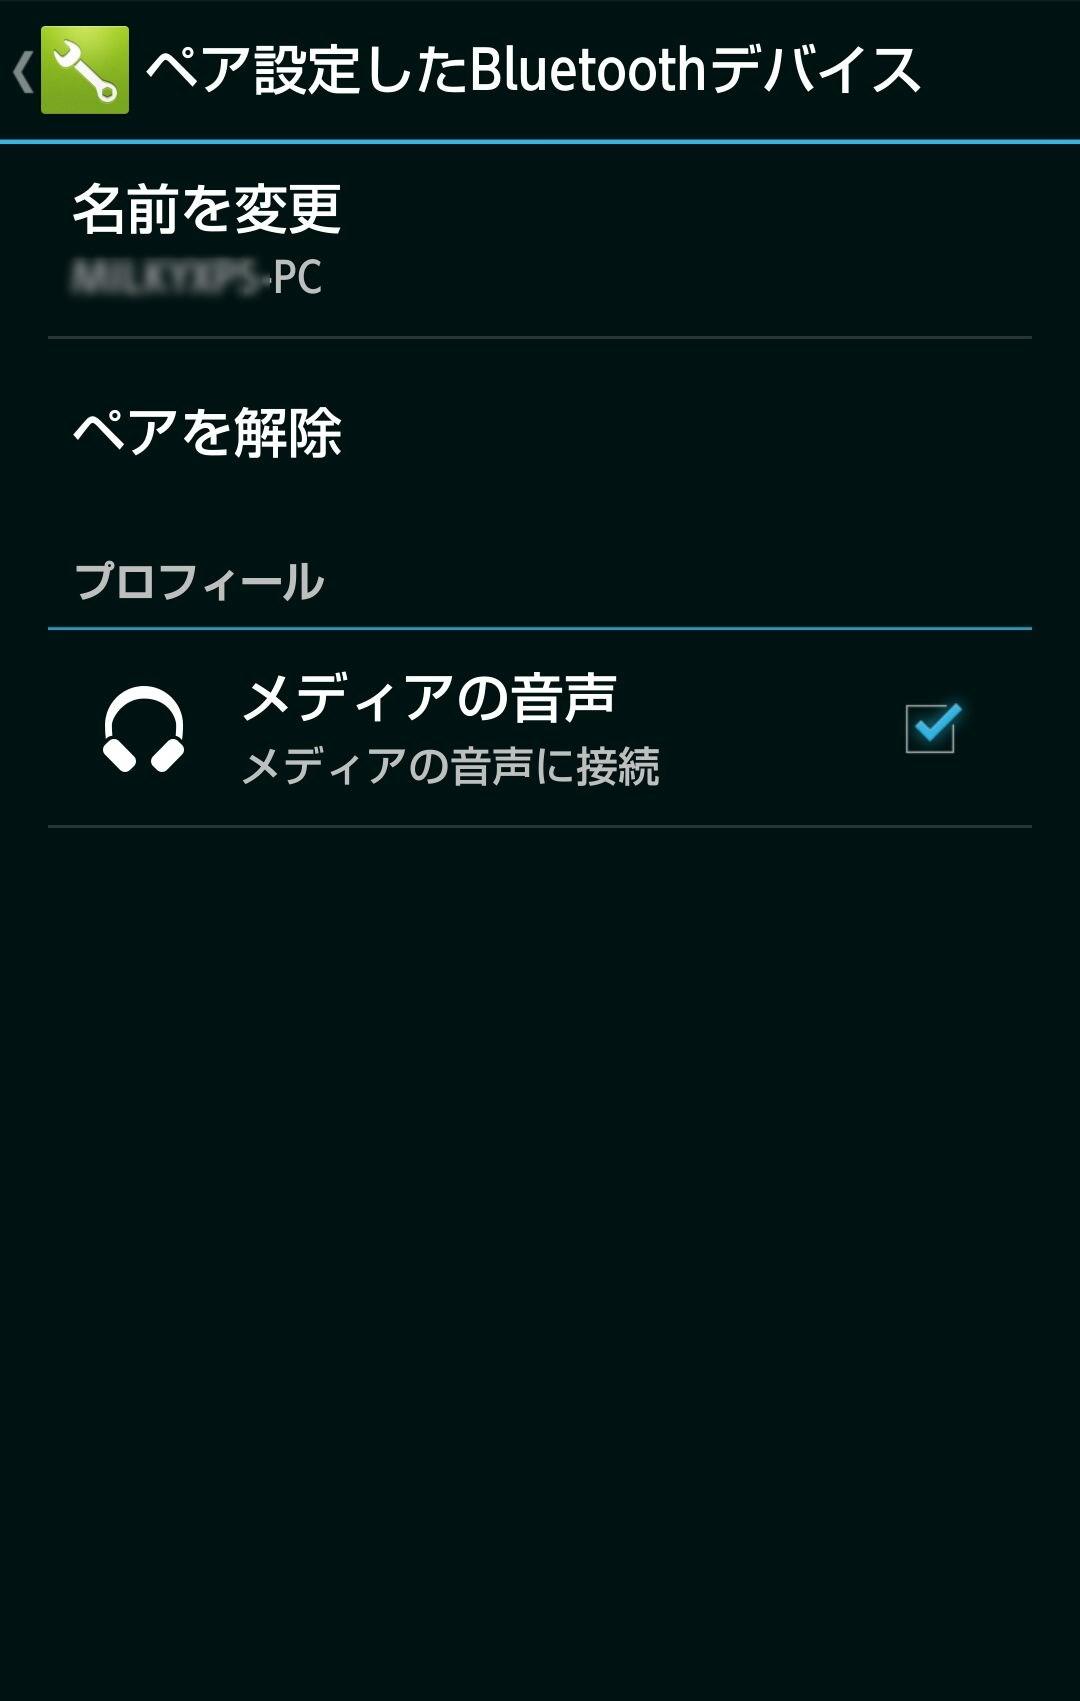 Screenshot_2015-03-21-10-23-45.jpg